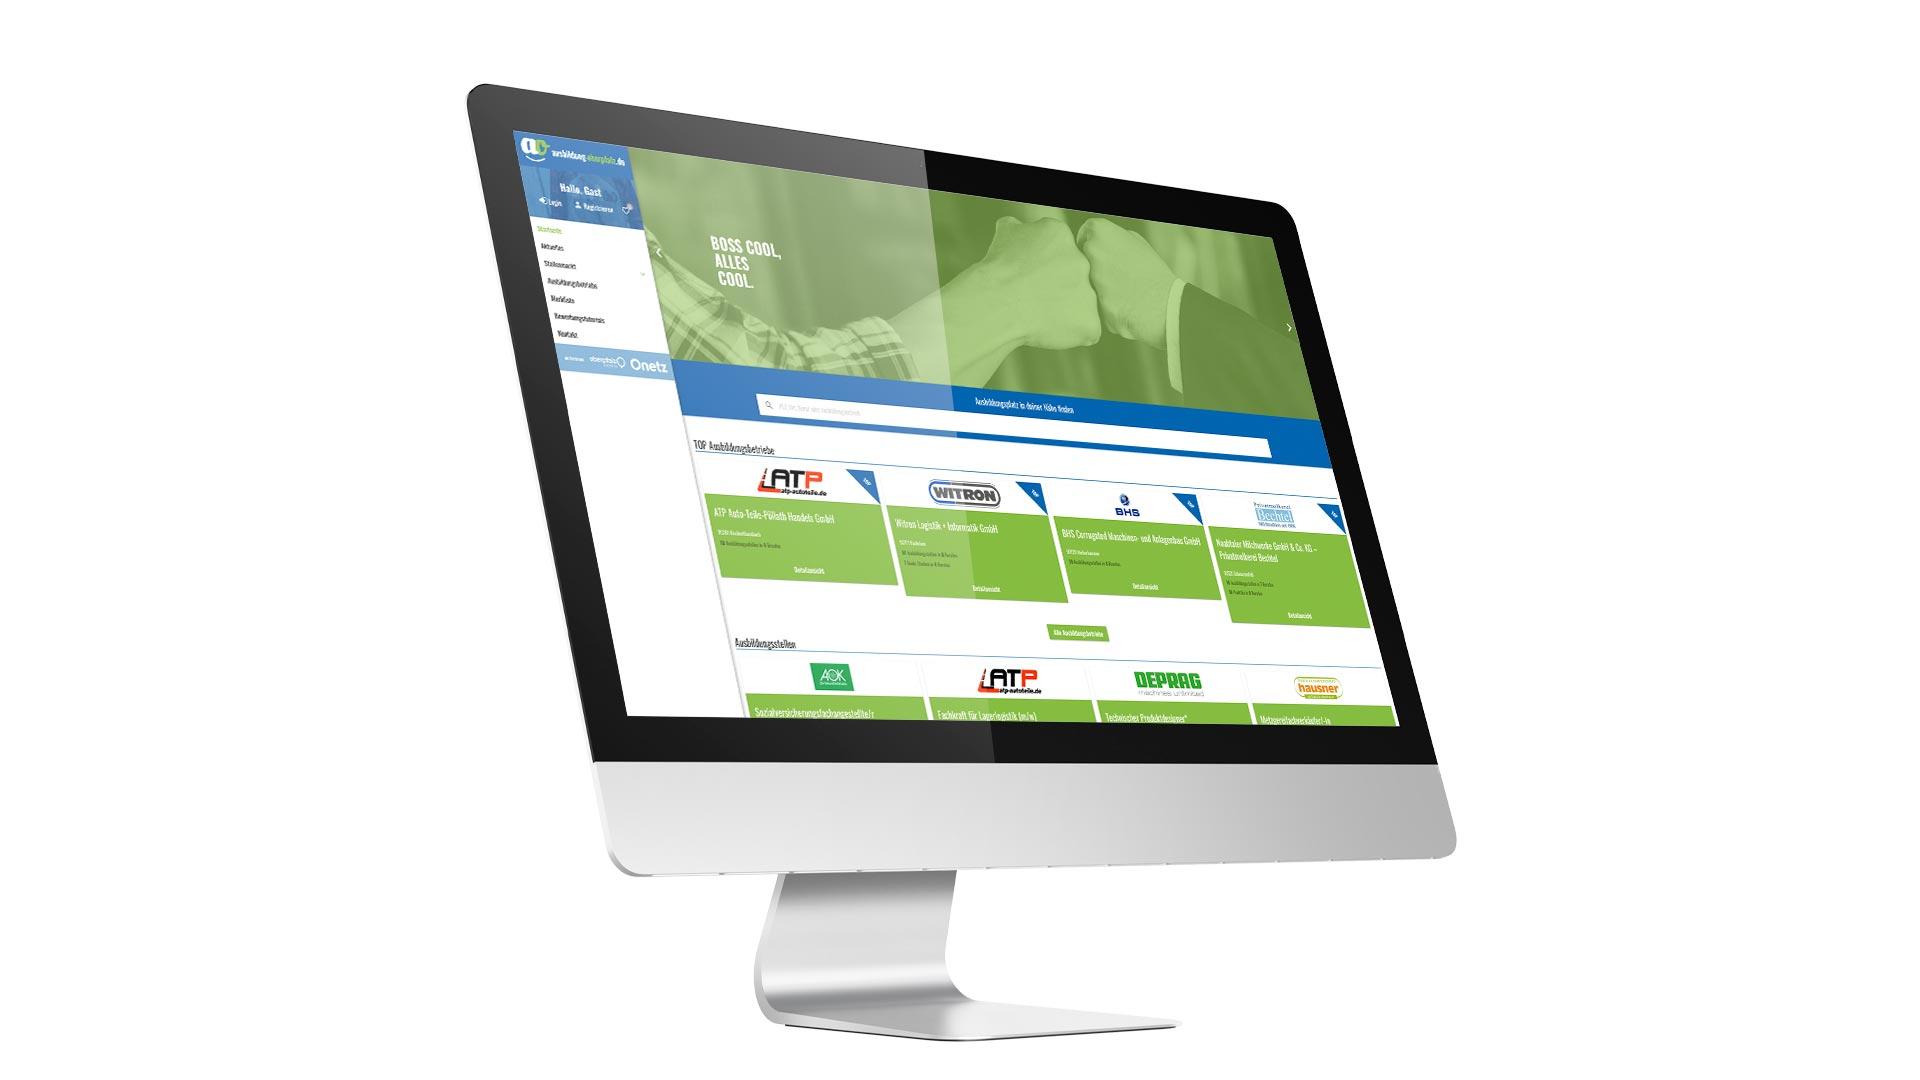 """Ansicht eines Monitors, auf dem das Onlineportal """"ausbildung-oberpfalz.de"""" zu sehen ist."""